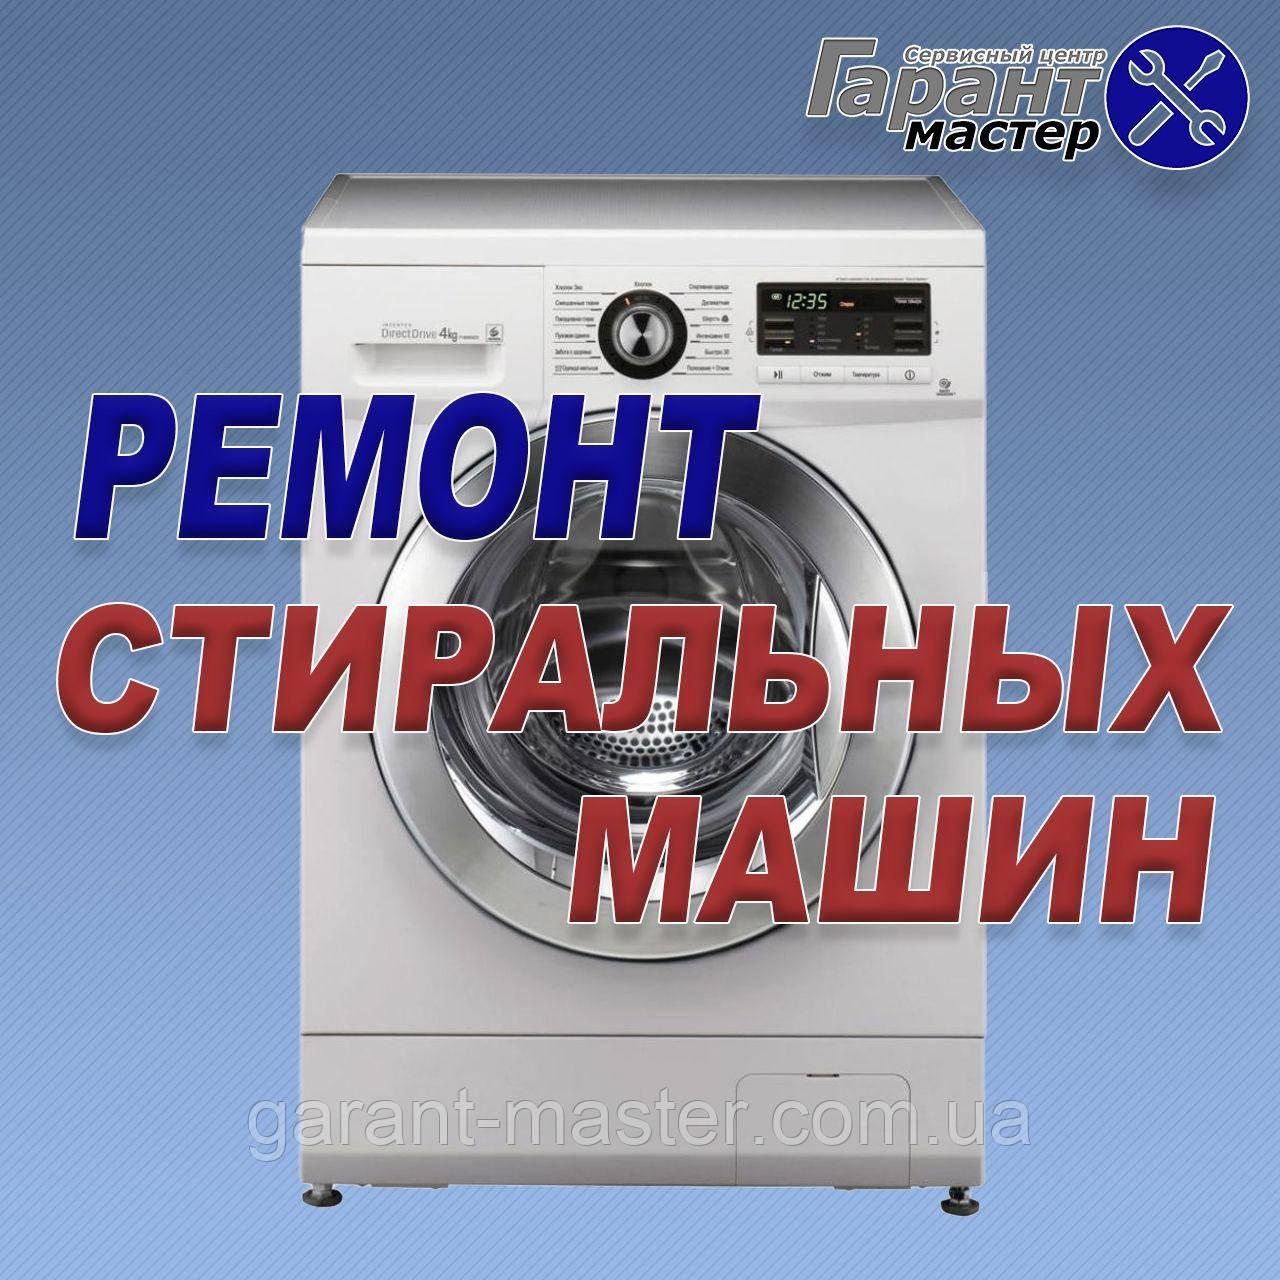 Стиральная машинка не сливает воду Харьков. Мастер по ремонту стиральных машин Харьков.